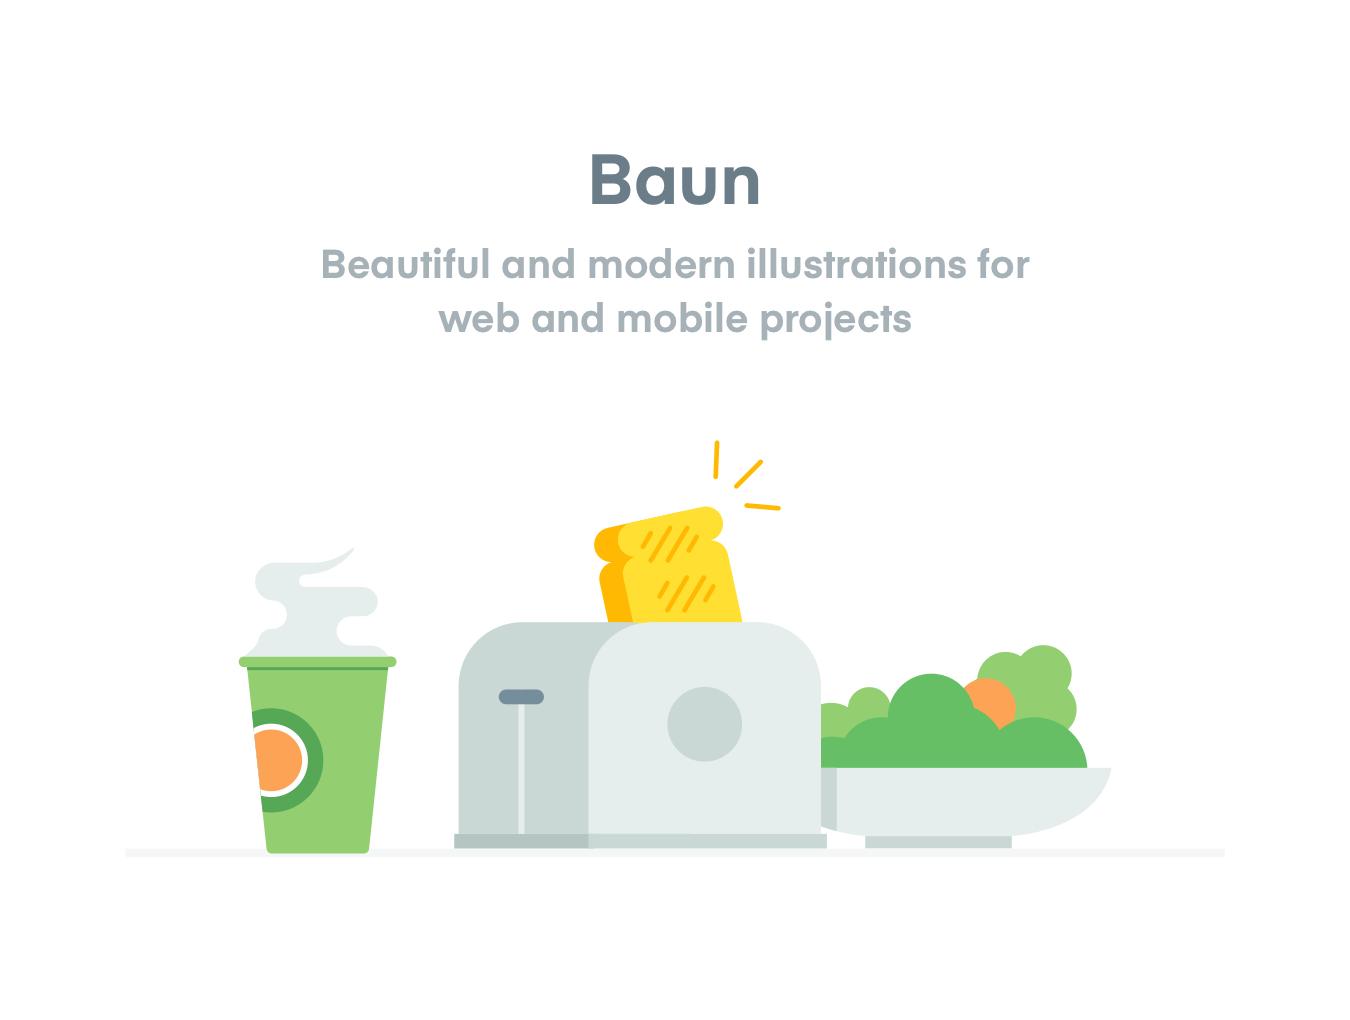 办公房屋电子设备矢量插图图标 Baun Easy Illustration插图